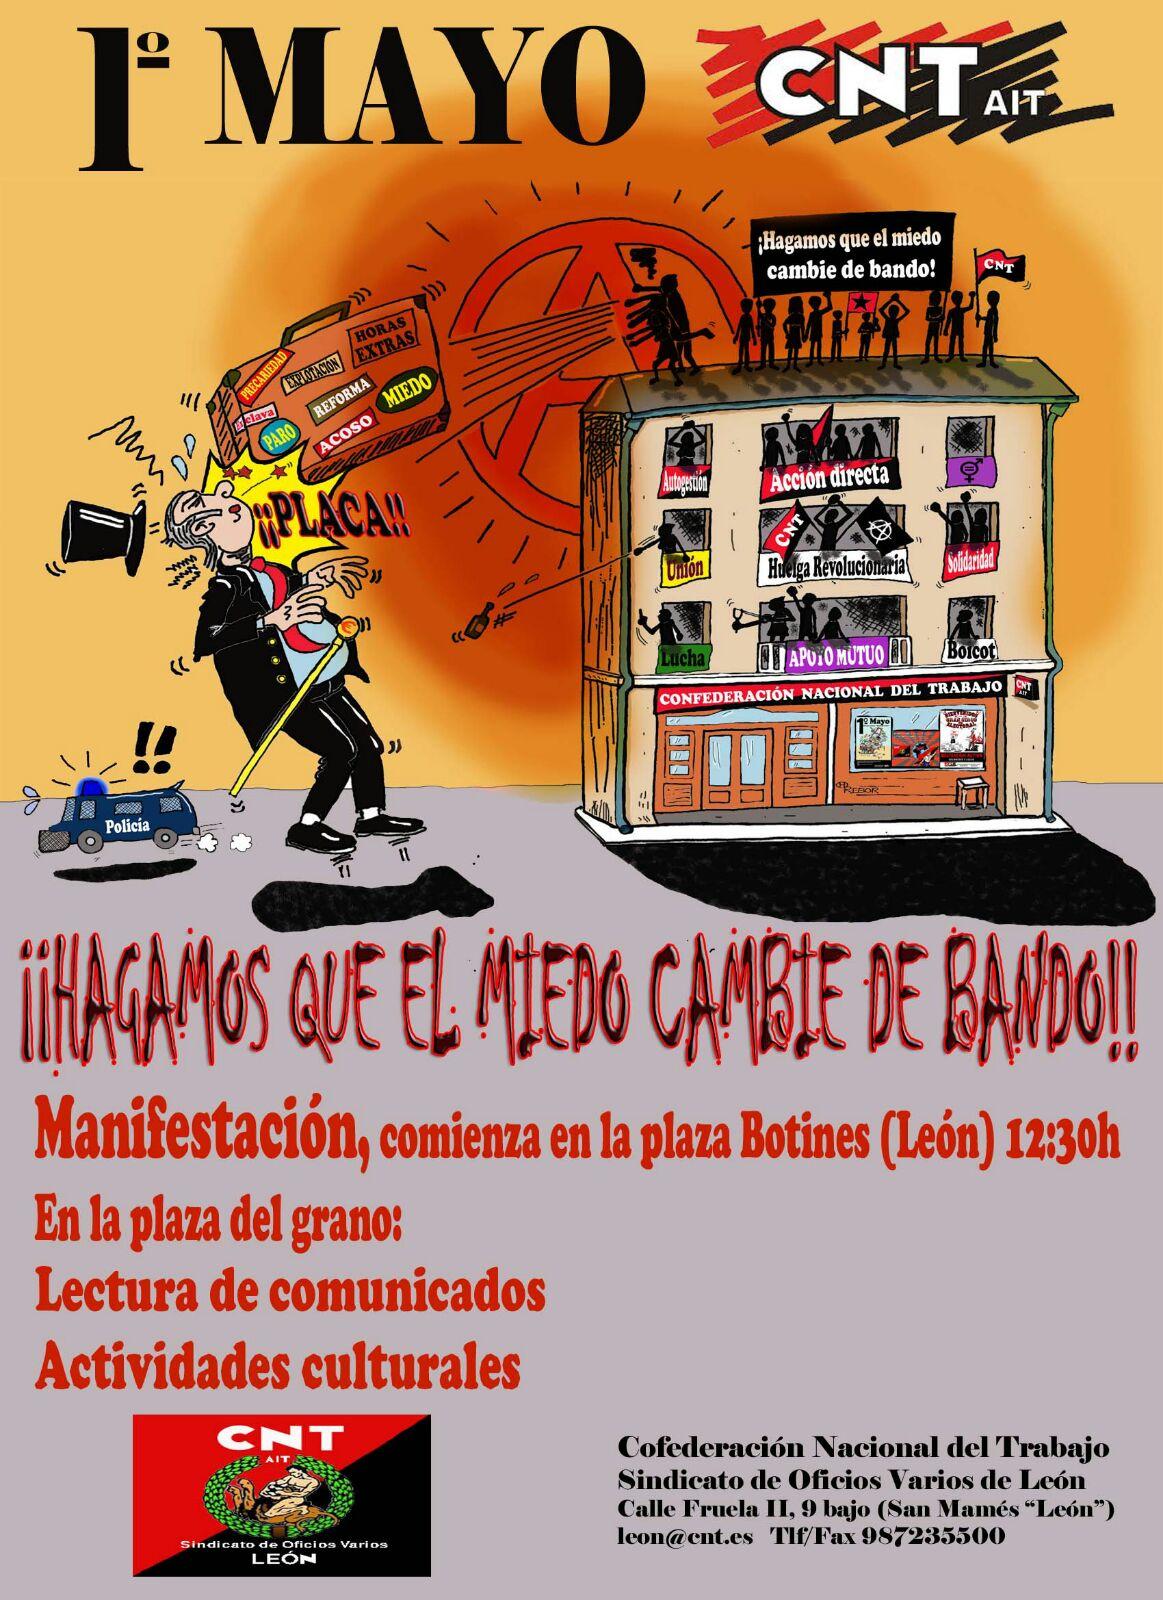 1º de MAYO- ¡HAGAMOS QUE EL MIEDO CAMBIE DE BANDO!